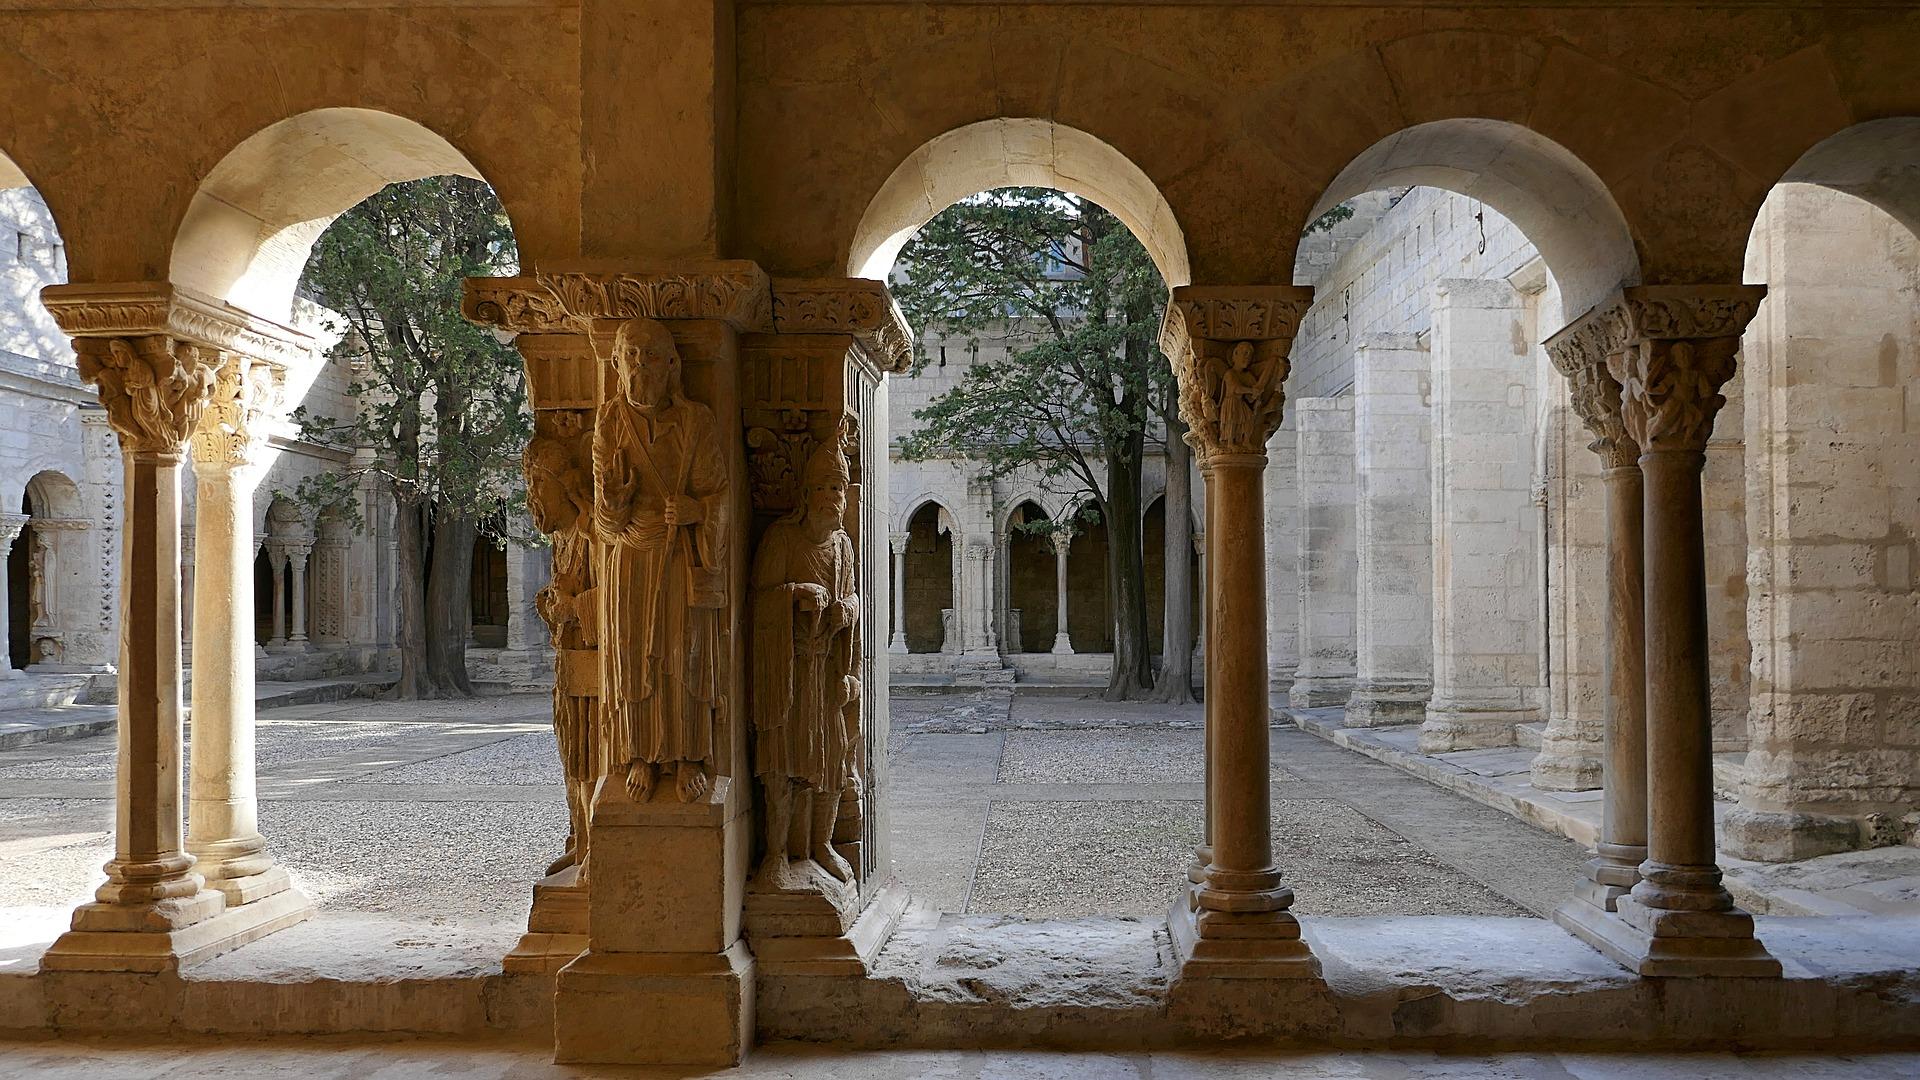 Außergewöhnliche Urlaubsideen: Übernachten in einem Karmeliterkloster in der Provence